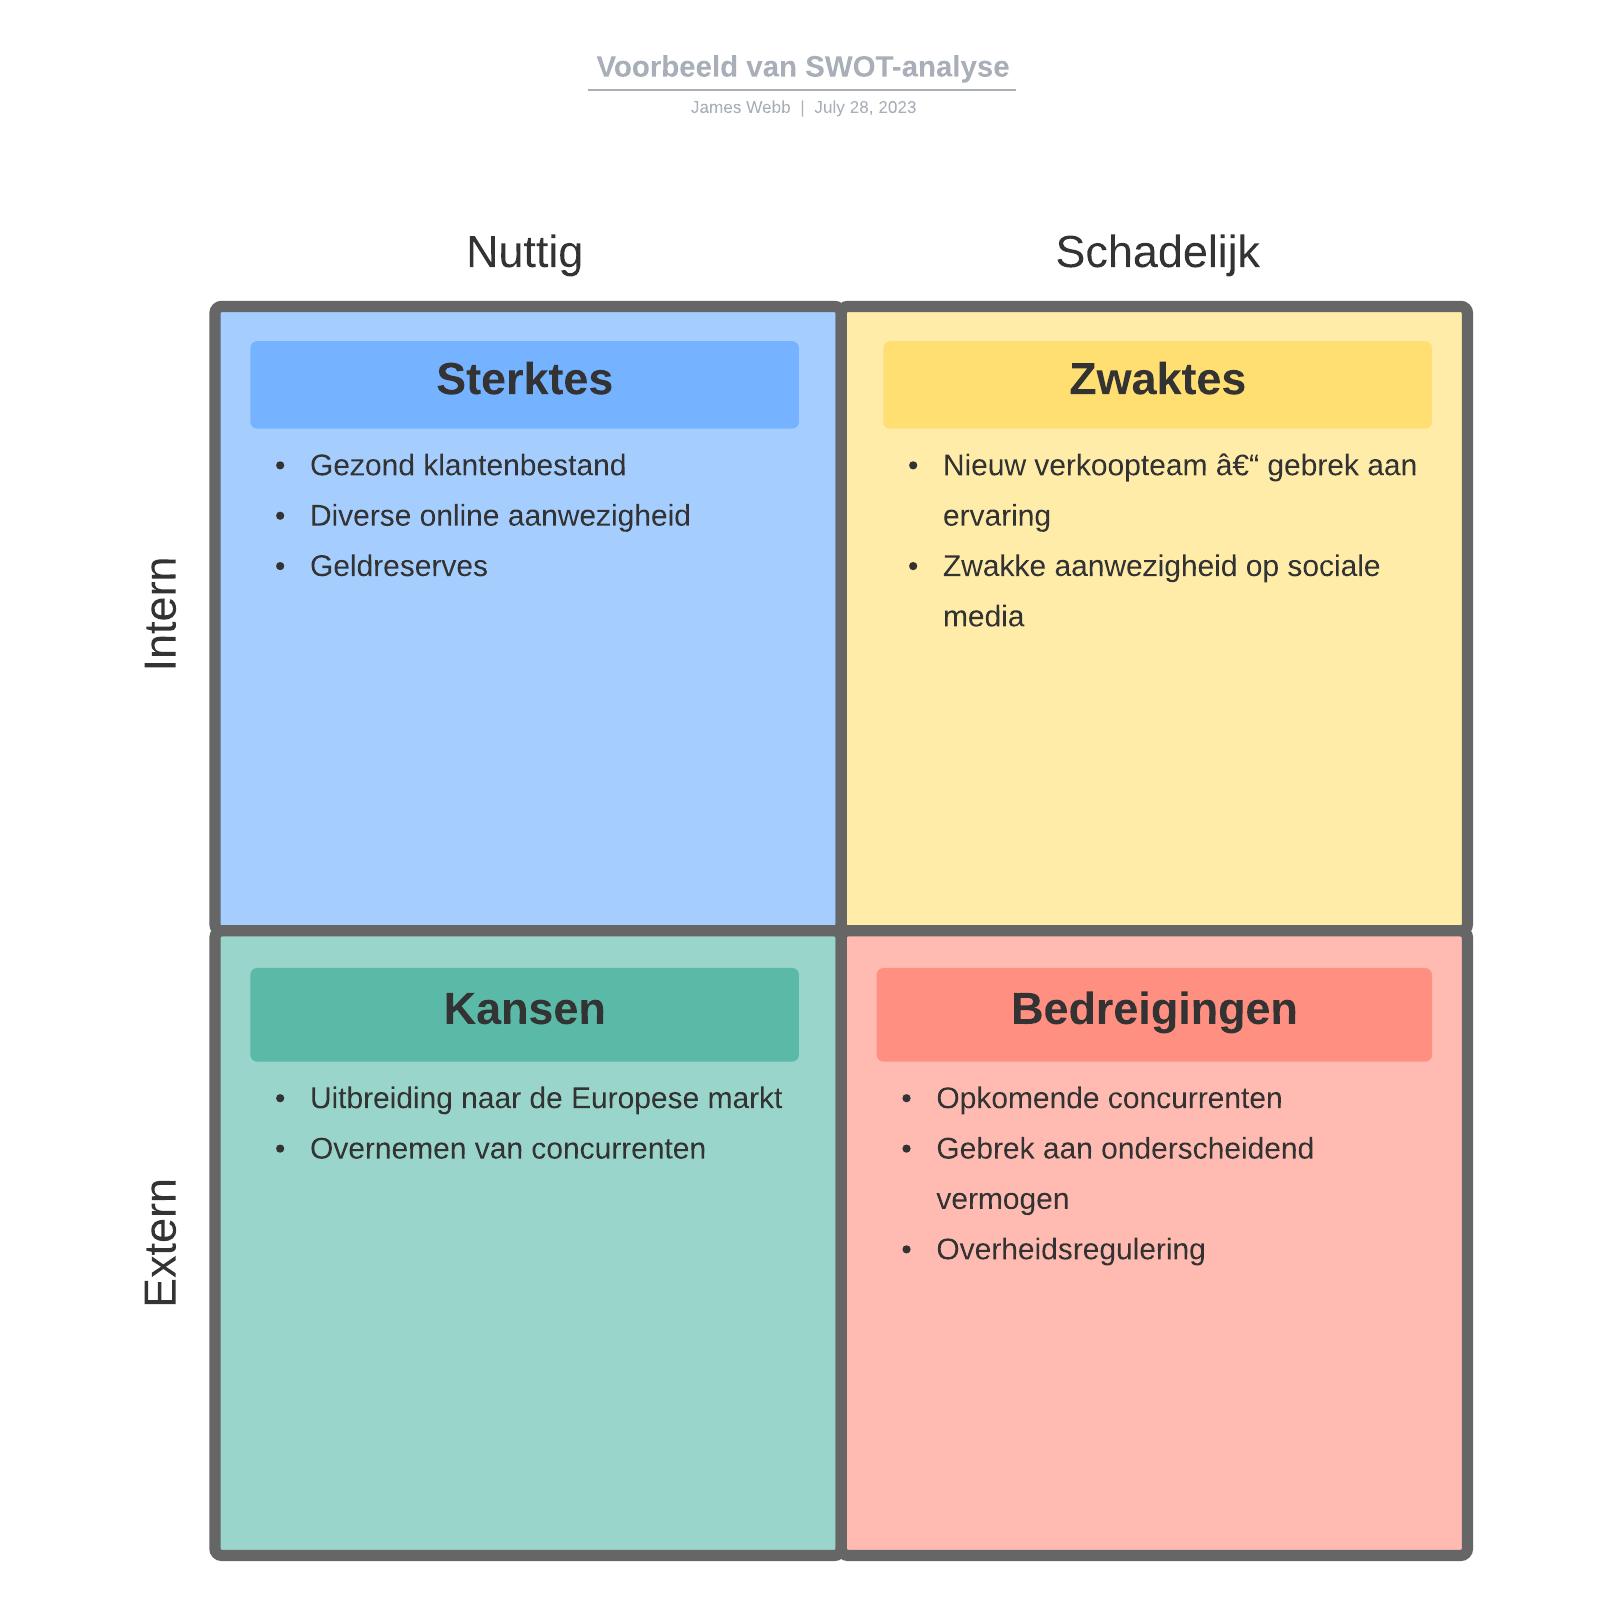 Voorbeeld van SWOT-analyse